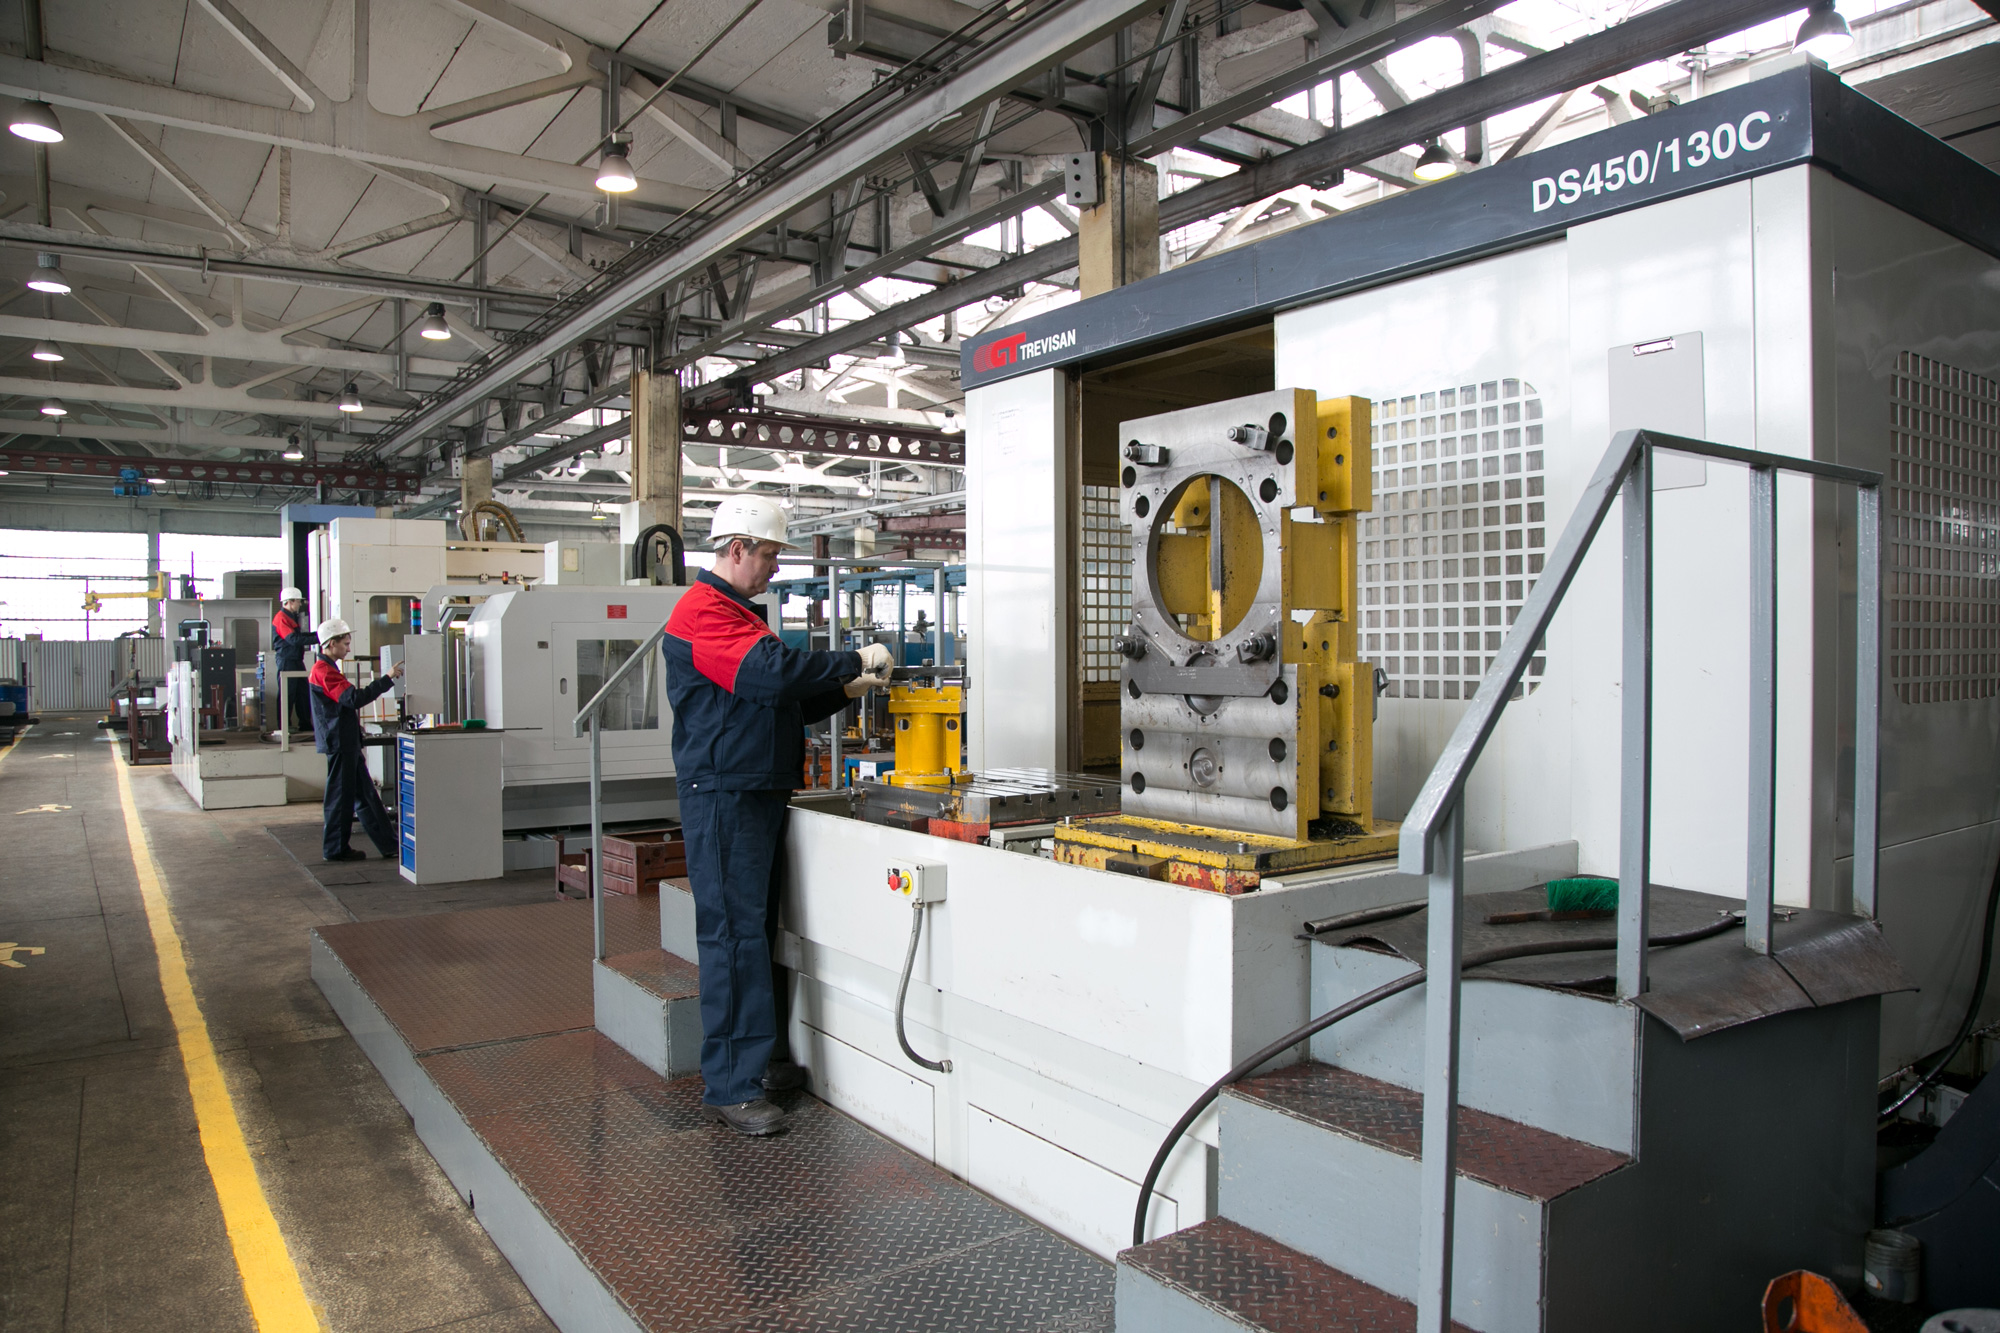 «Пензтяжпромарматура»: сплоченный коллектив и новые технологии